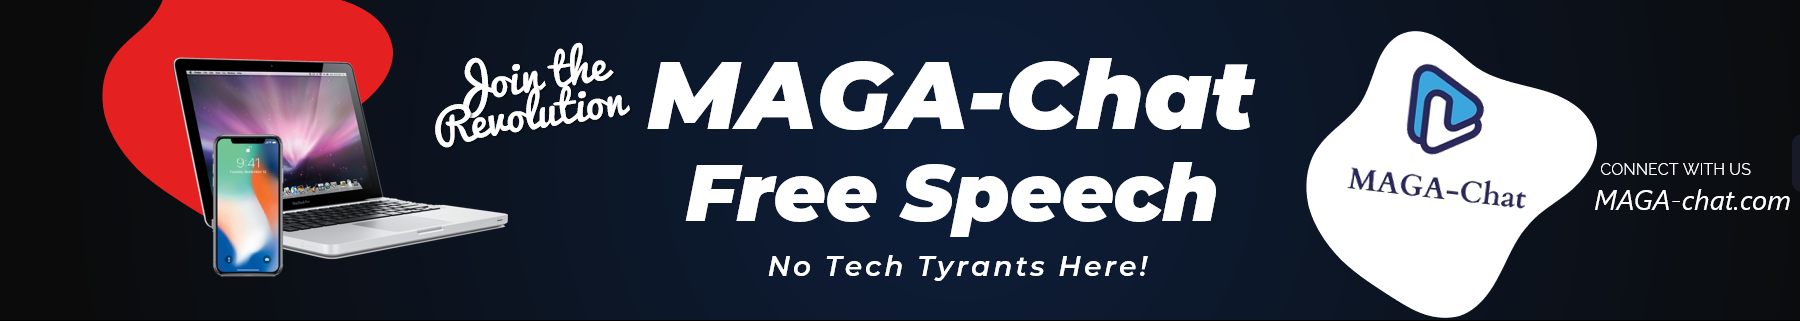 MAGA-Chat.com